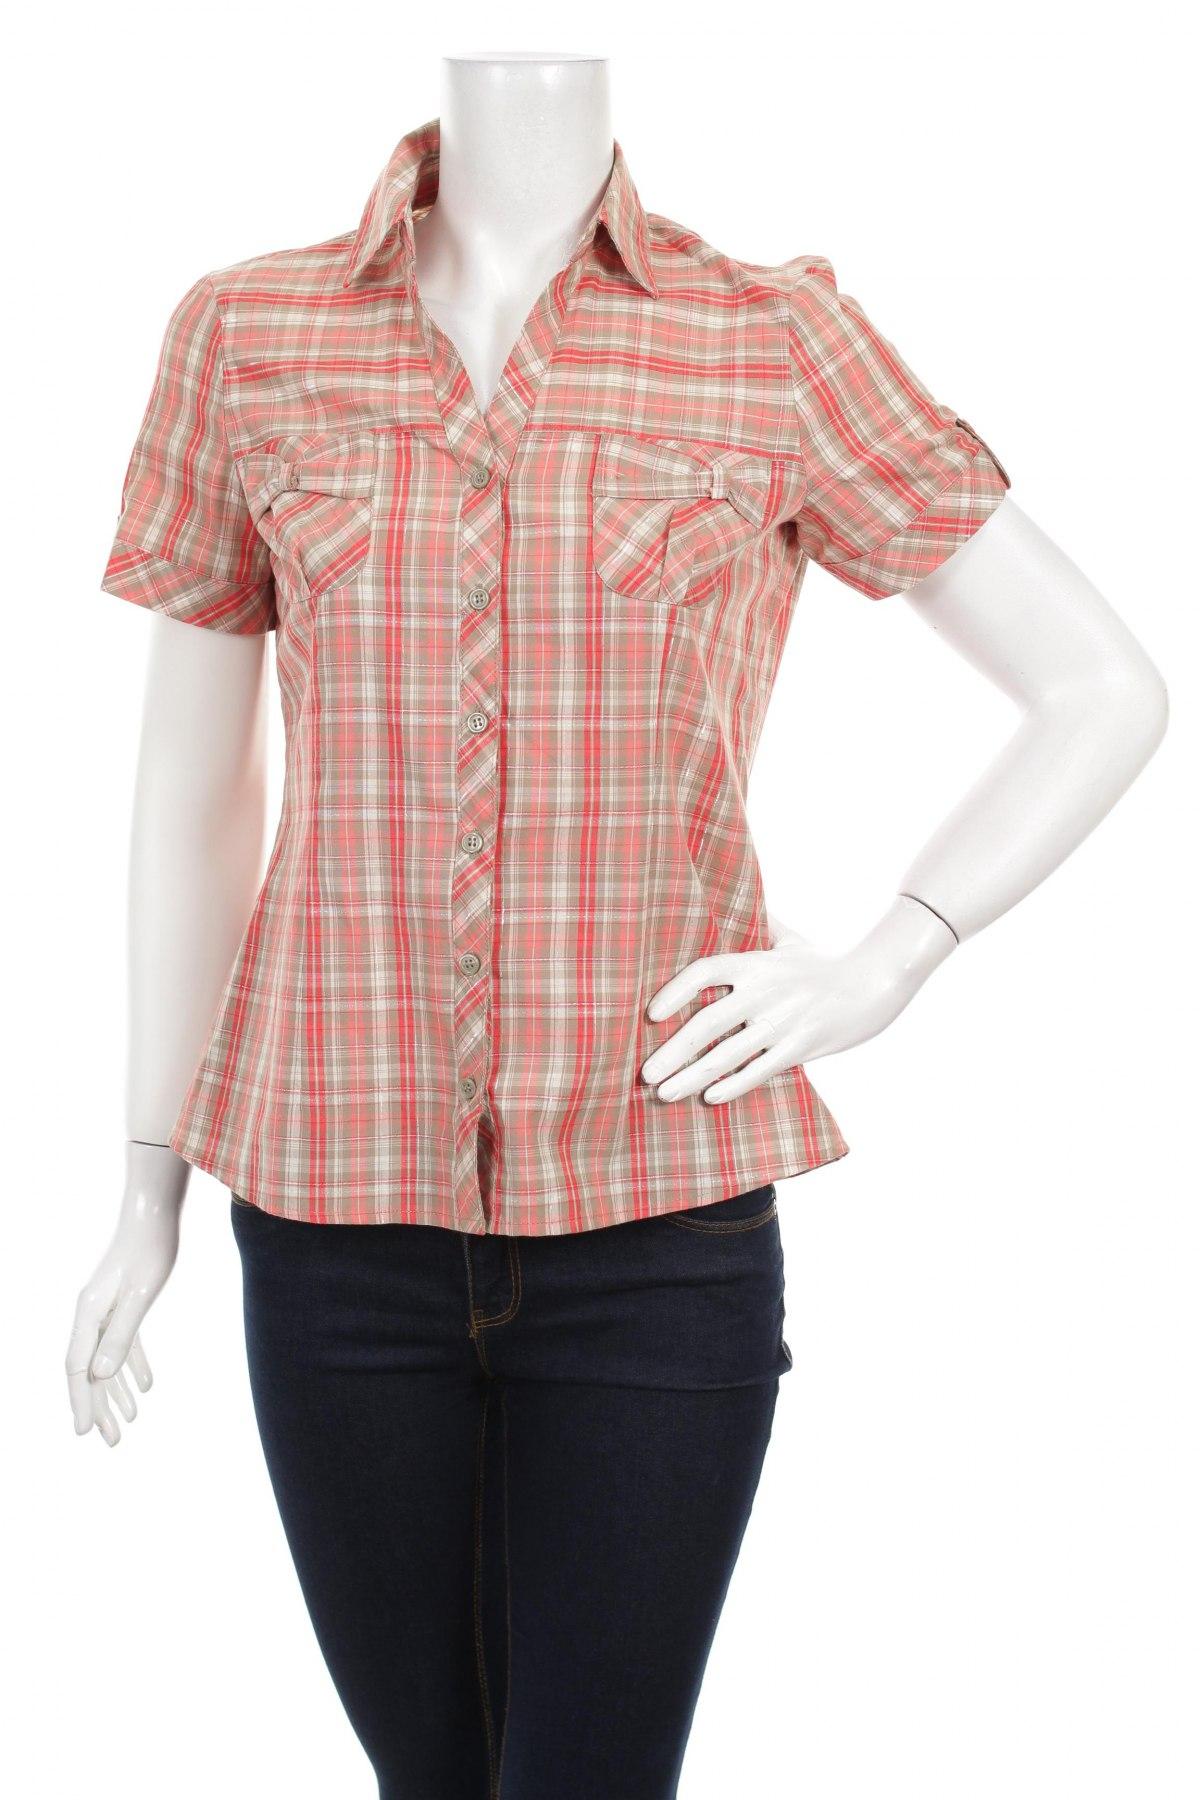 Γυναικείο πουκάμισο, Μέγεθος M, Χρώμα Πολύχρωμο, 60% βαμβάκι, 39% πολυεστέρας, 1% μεταλλικά νήματα, Τιμή 12,97€